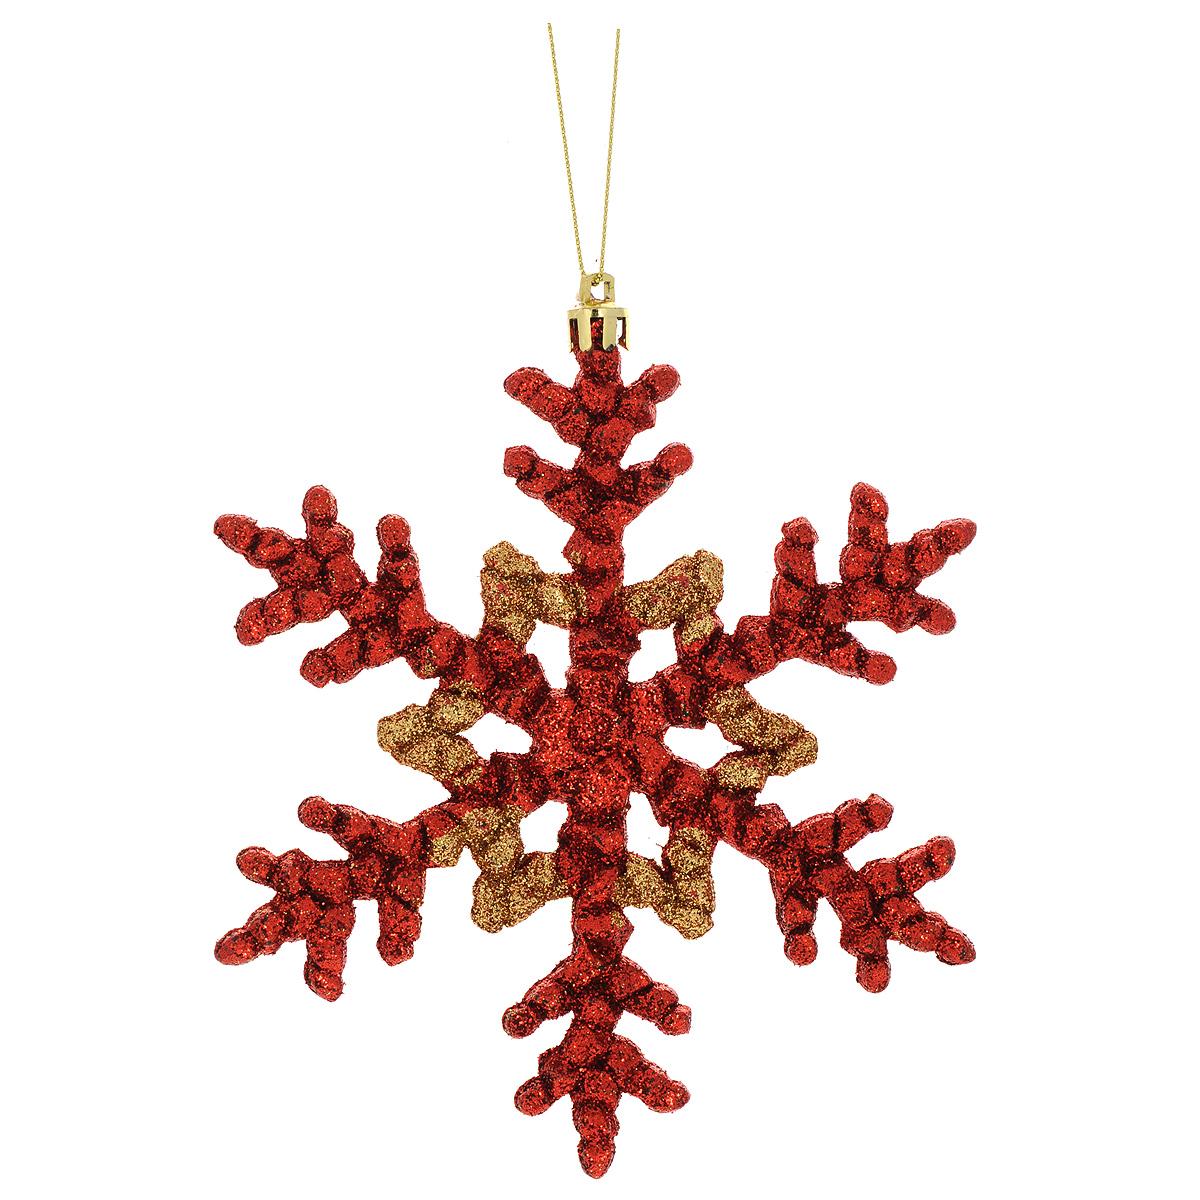 Новогоднее подвесное украшение Феникс-Презент Снежинка, цвет: красный, золотистый34994Новогоднее украшение Феникс-Презент Снежинка, изготовленное из высококачественногопластика, прекрасно подойдет для праздничного декора дома иновогодней ели. С помощьюспециальной текстильной петельки его можно повесить в любомпонравившемся вам месте.Елочная игрушка - символ Нового года. Она несет в себе волшебство и красоту праздника.Создайте в своем доме атмосферу веселья и радости, украшая новогоднюю елку наряднымиигрушками, которые будут из года в год накапливать теплоту воспоминаний.